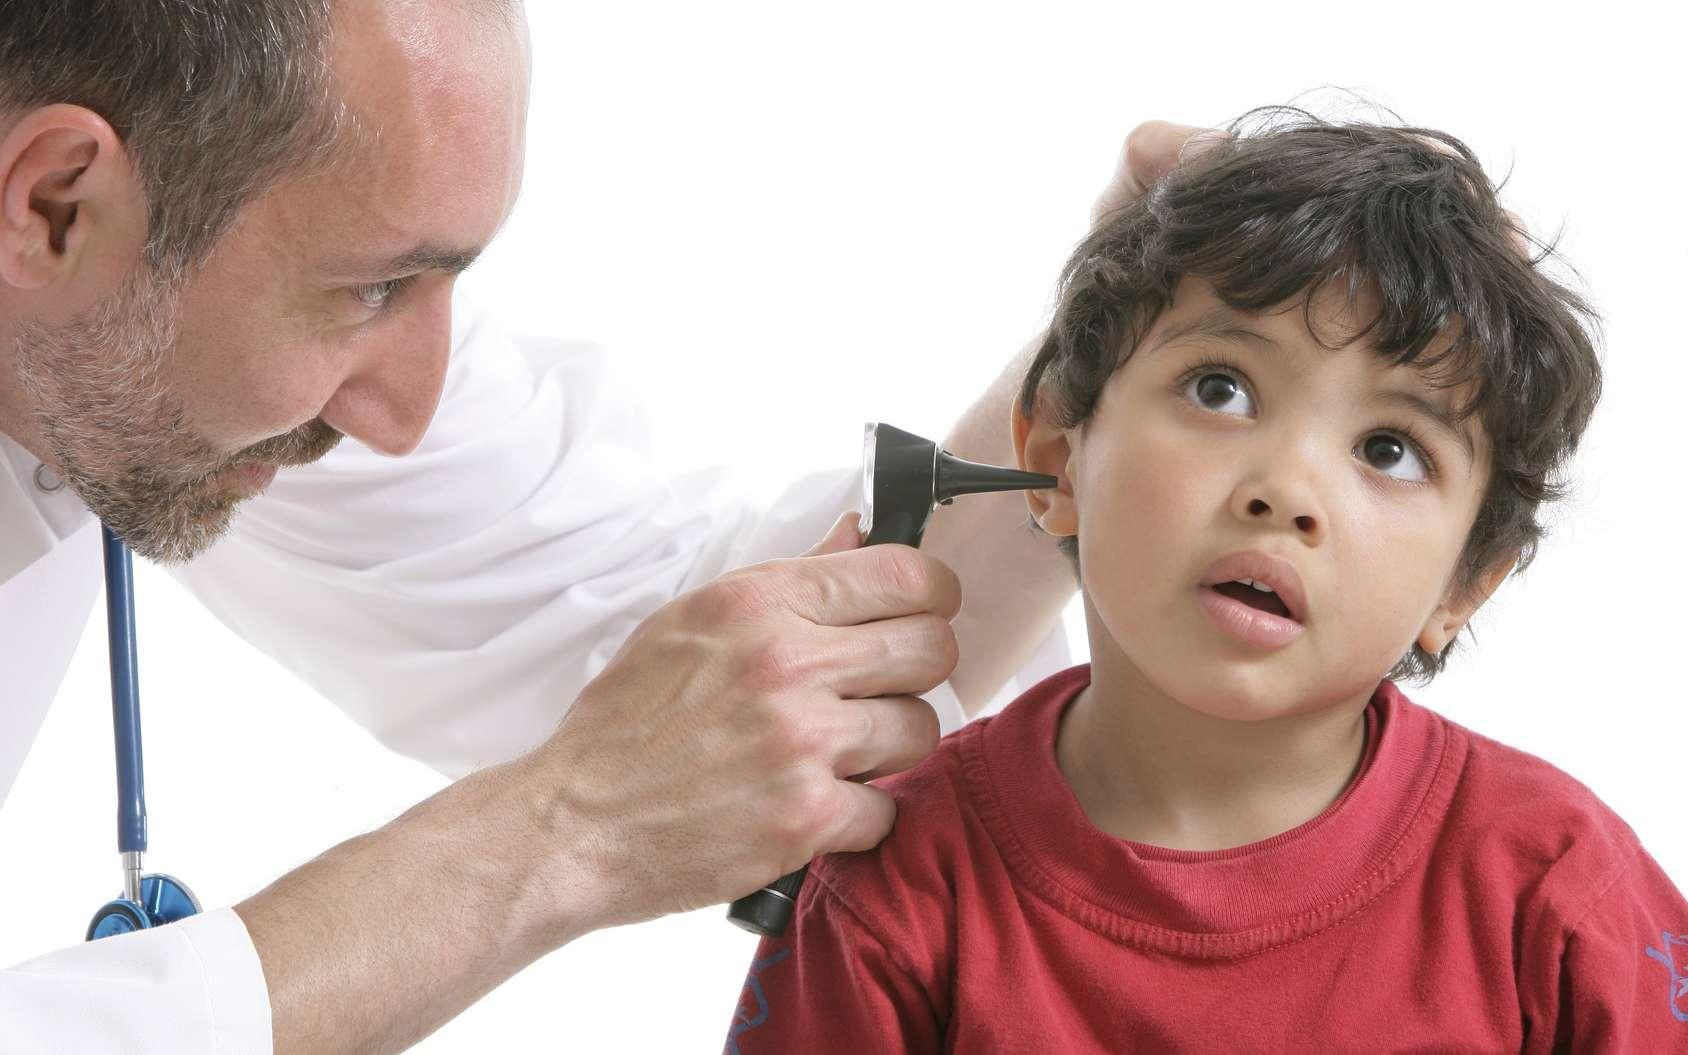 L'otite est fréquente chez les enfants. © JPC-PROD, Fotolia